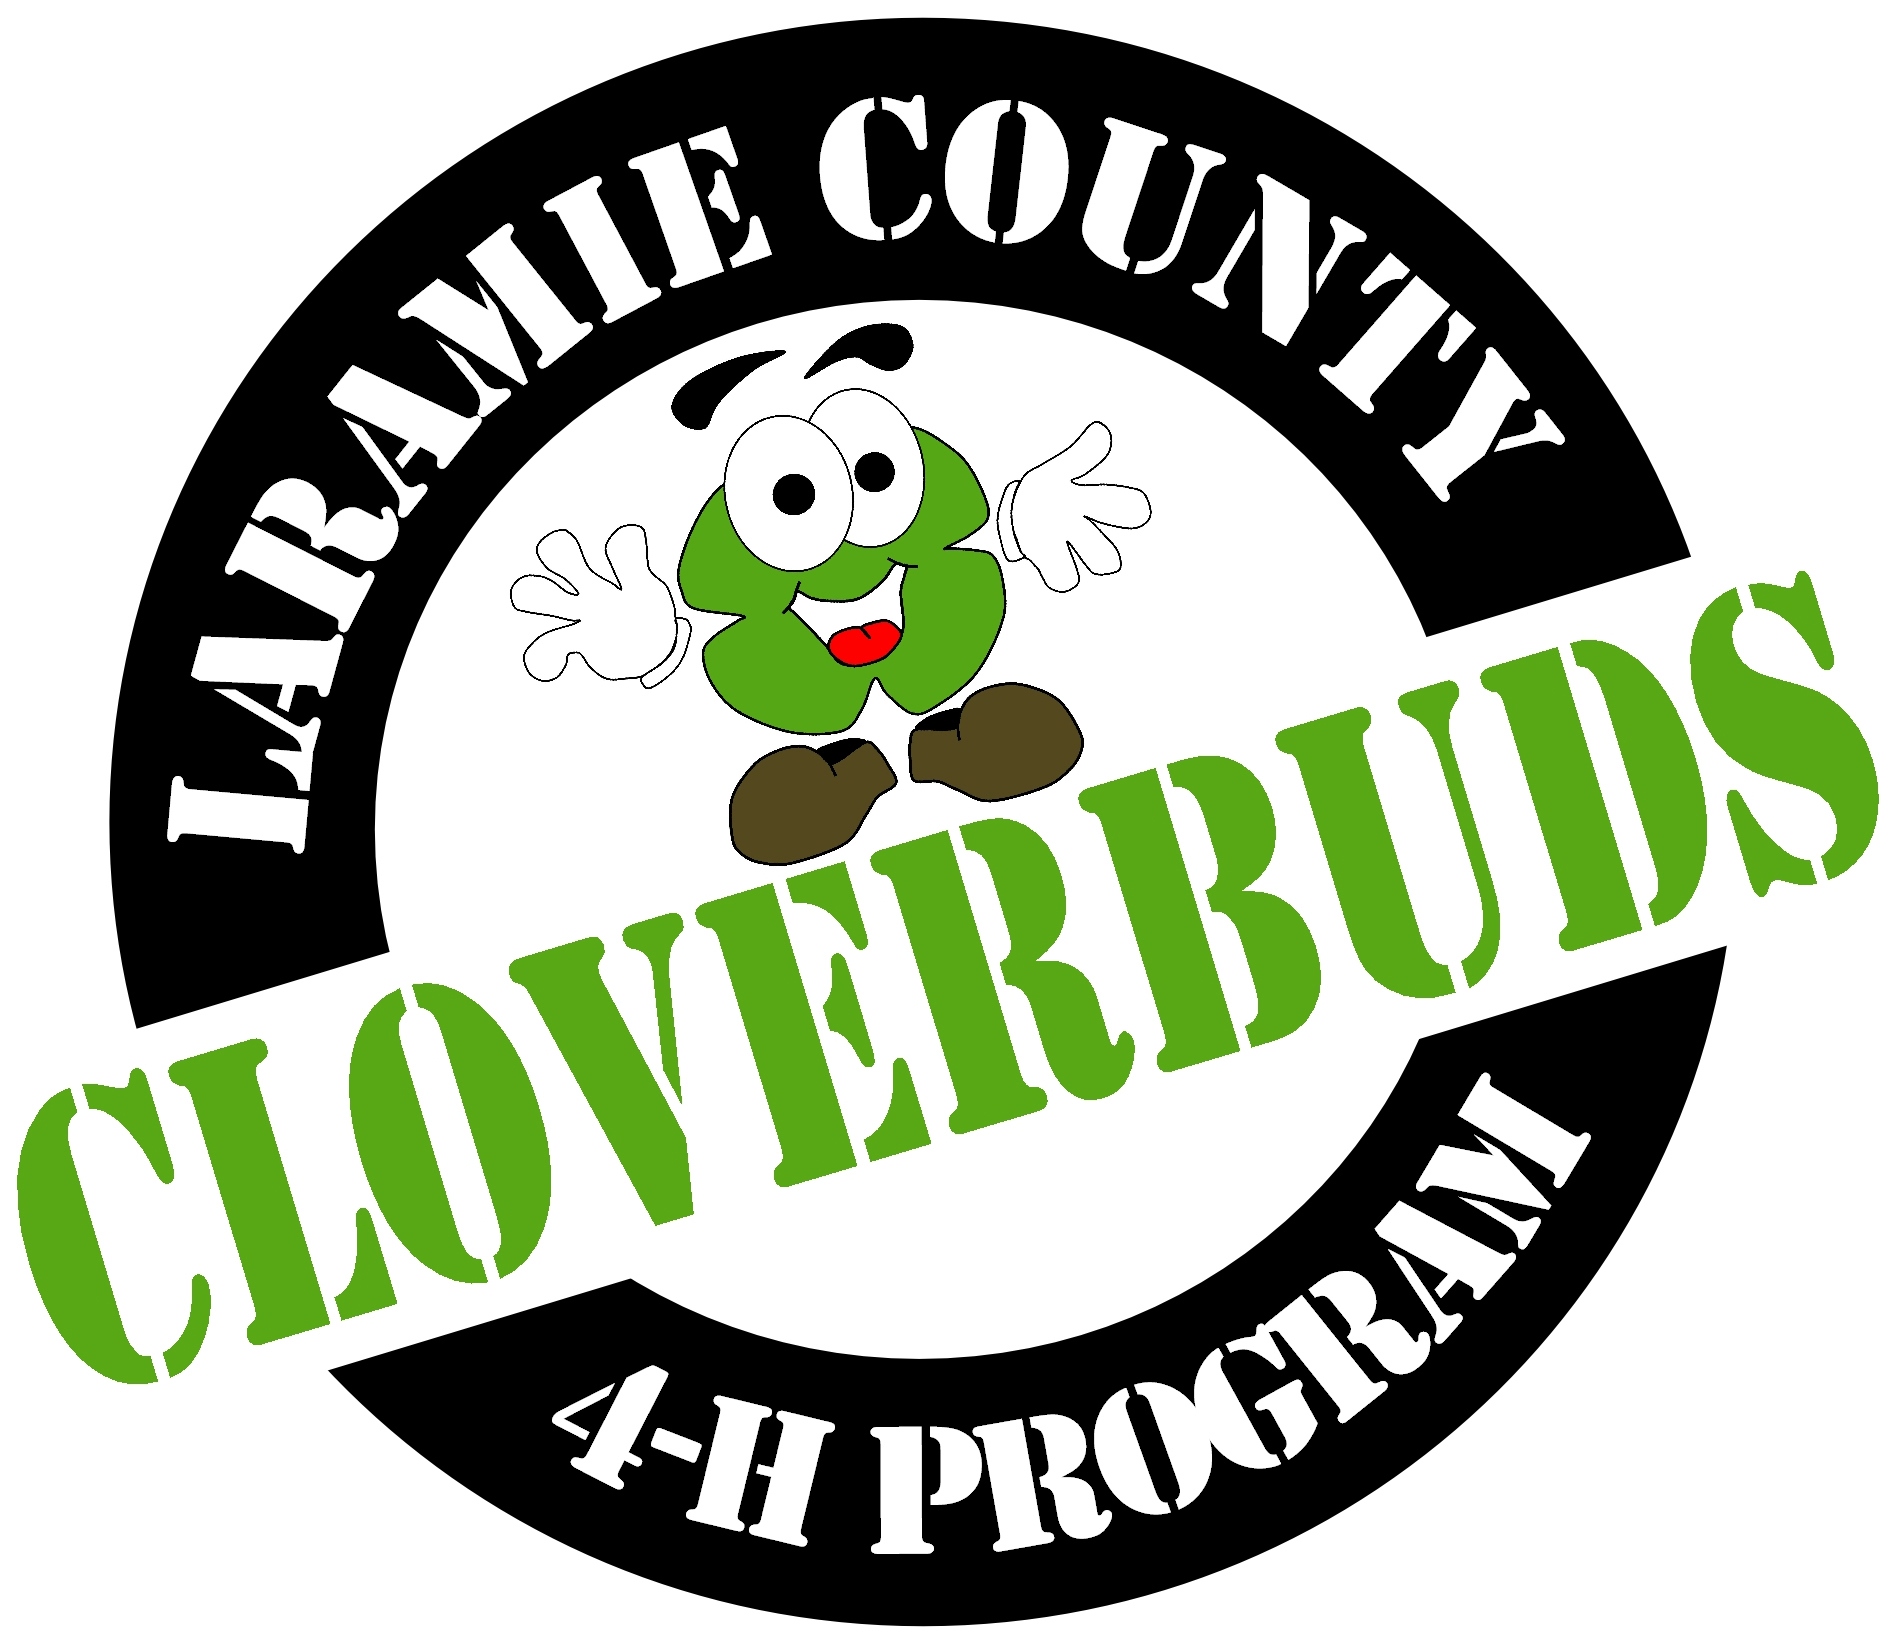 Cloverbuds.